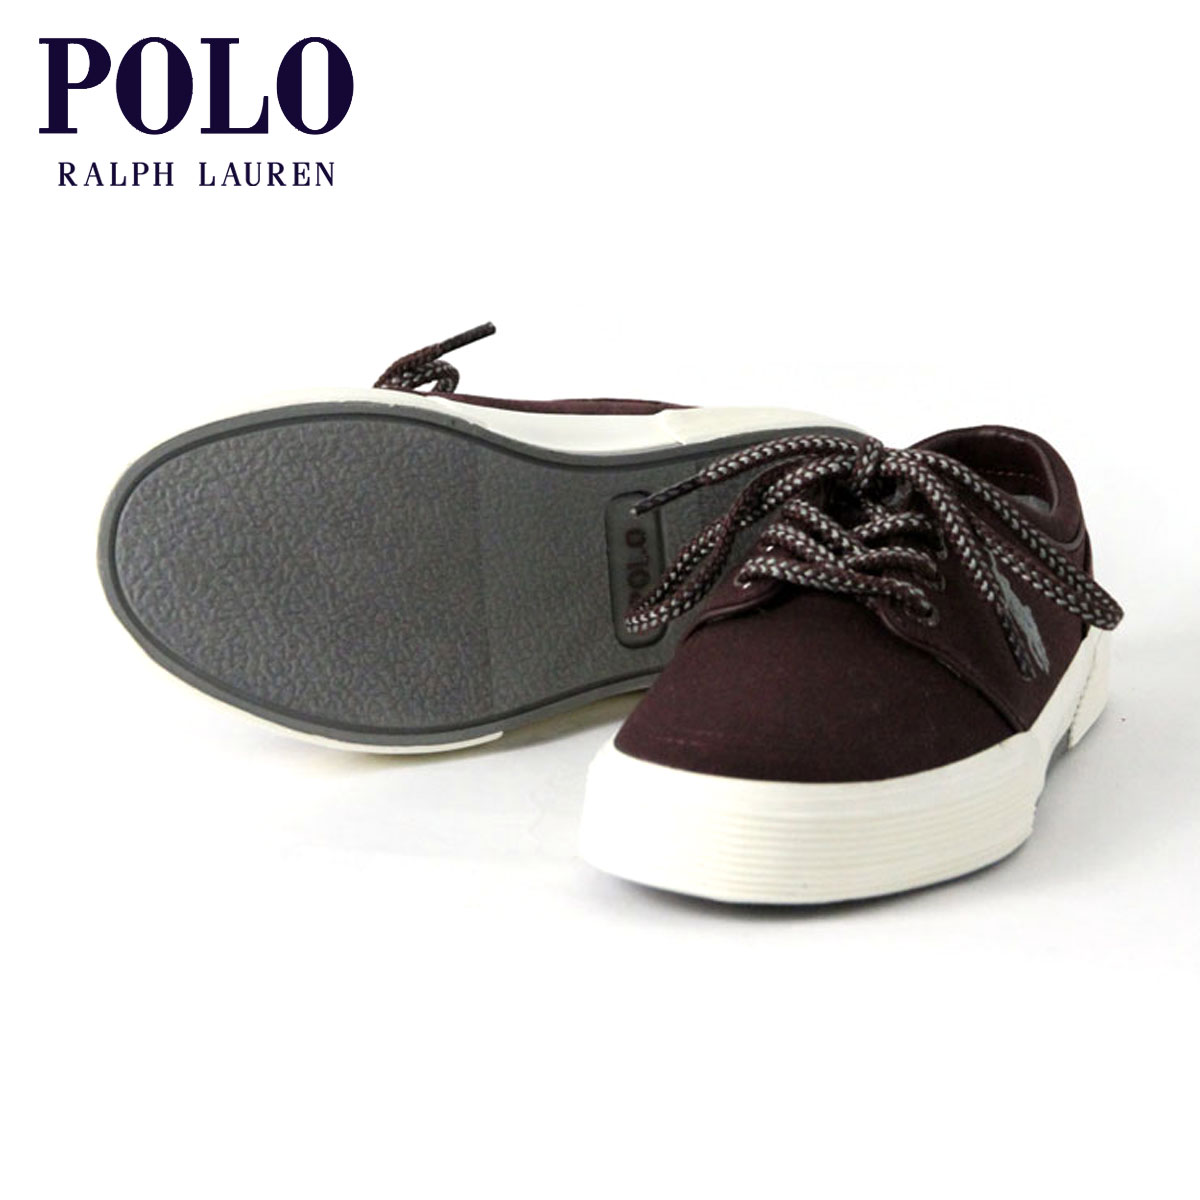 【販売期間 2/18 10:00〜2/20 09:59】 ポロ ラルフローレン POLO RALPH LAUREN 正規品 メンズ 靴 シューズ FAXON CANVAS LOW SNEAKER D20S30